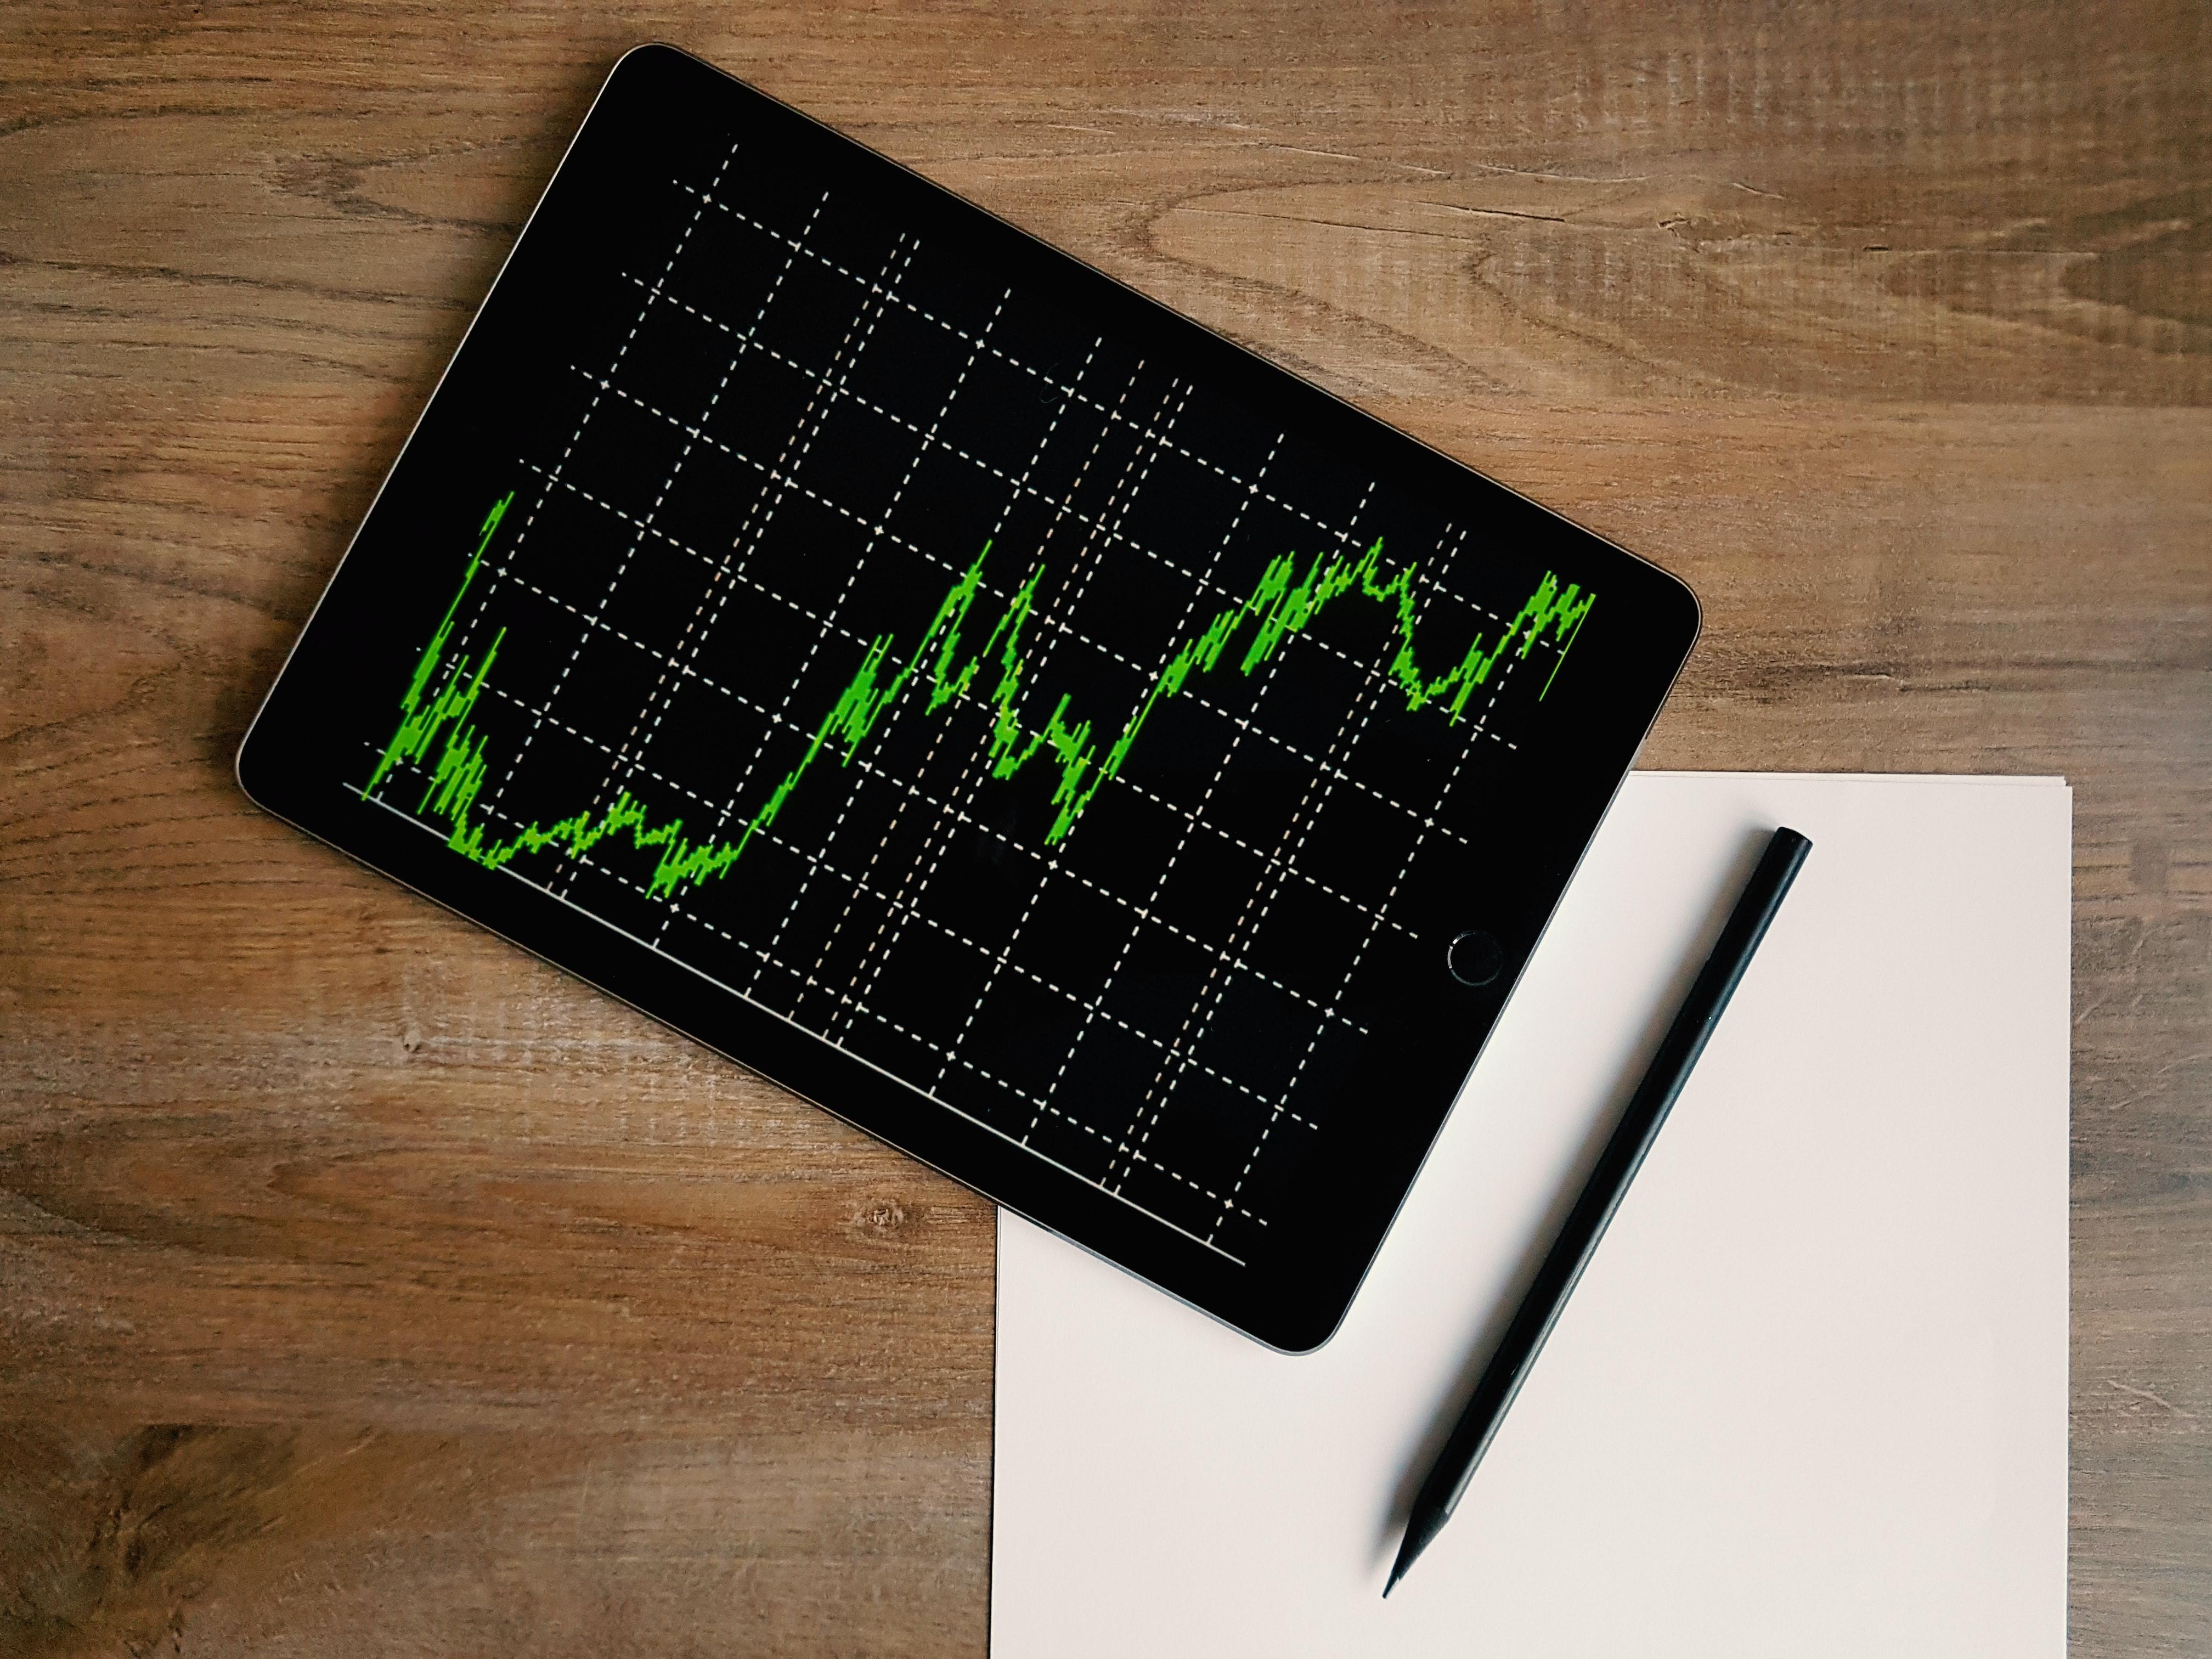 Een foto van een tabel met de koers van bitcoin